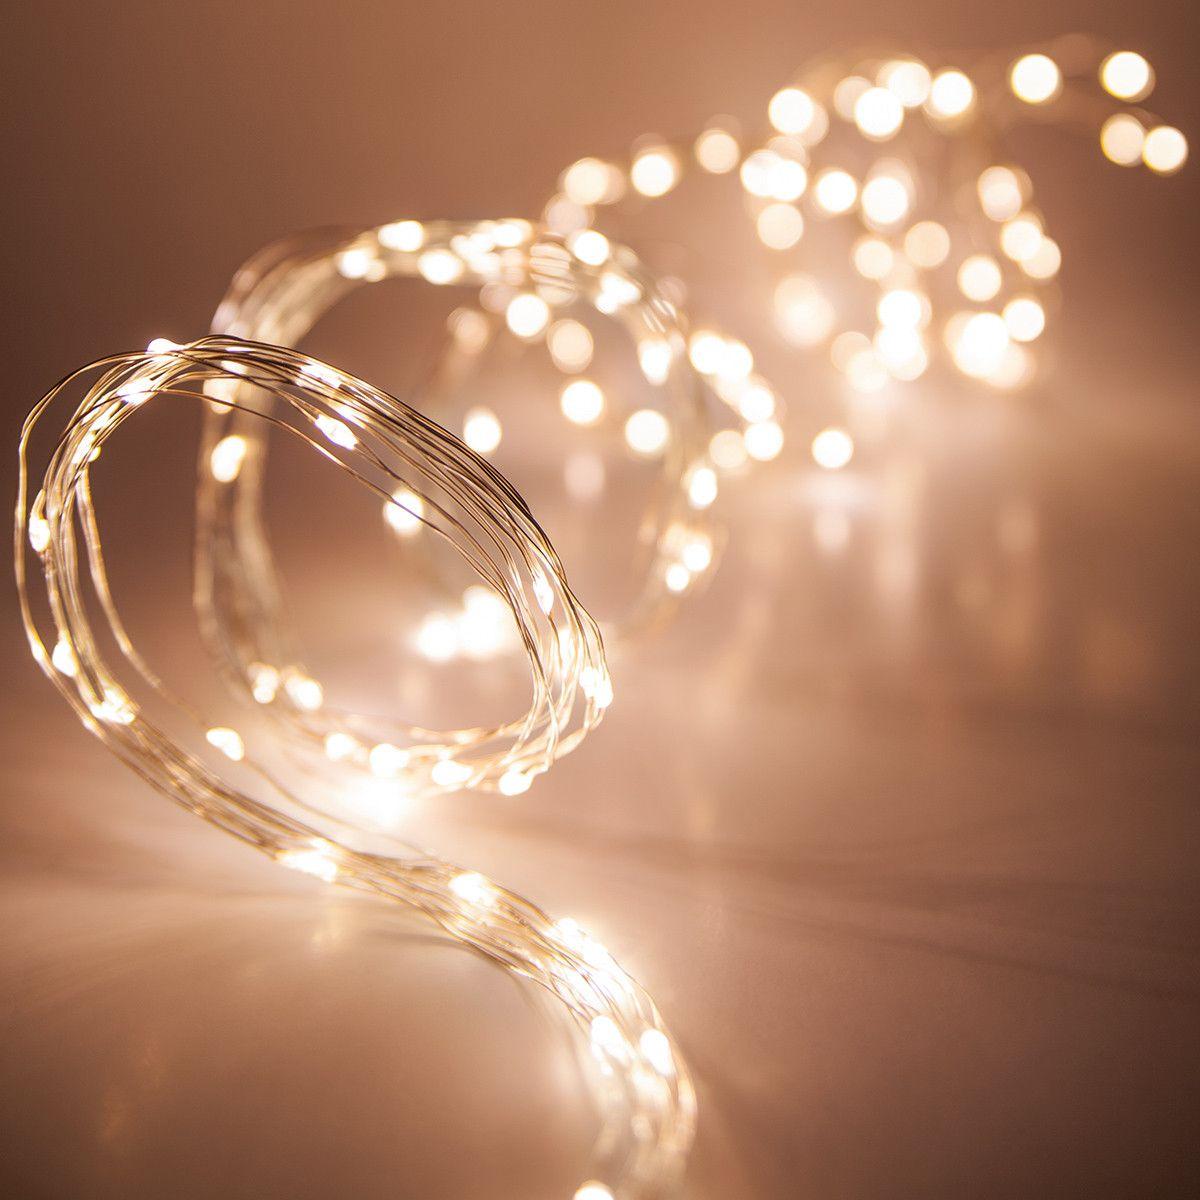 6 Ten Strand Light Spray With Warm White Led Lights Led Christmas Lights Indoor Christmas Lights White Led Lights